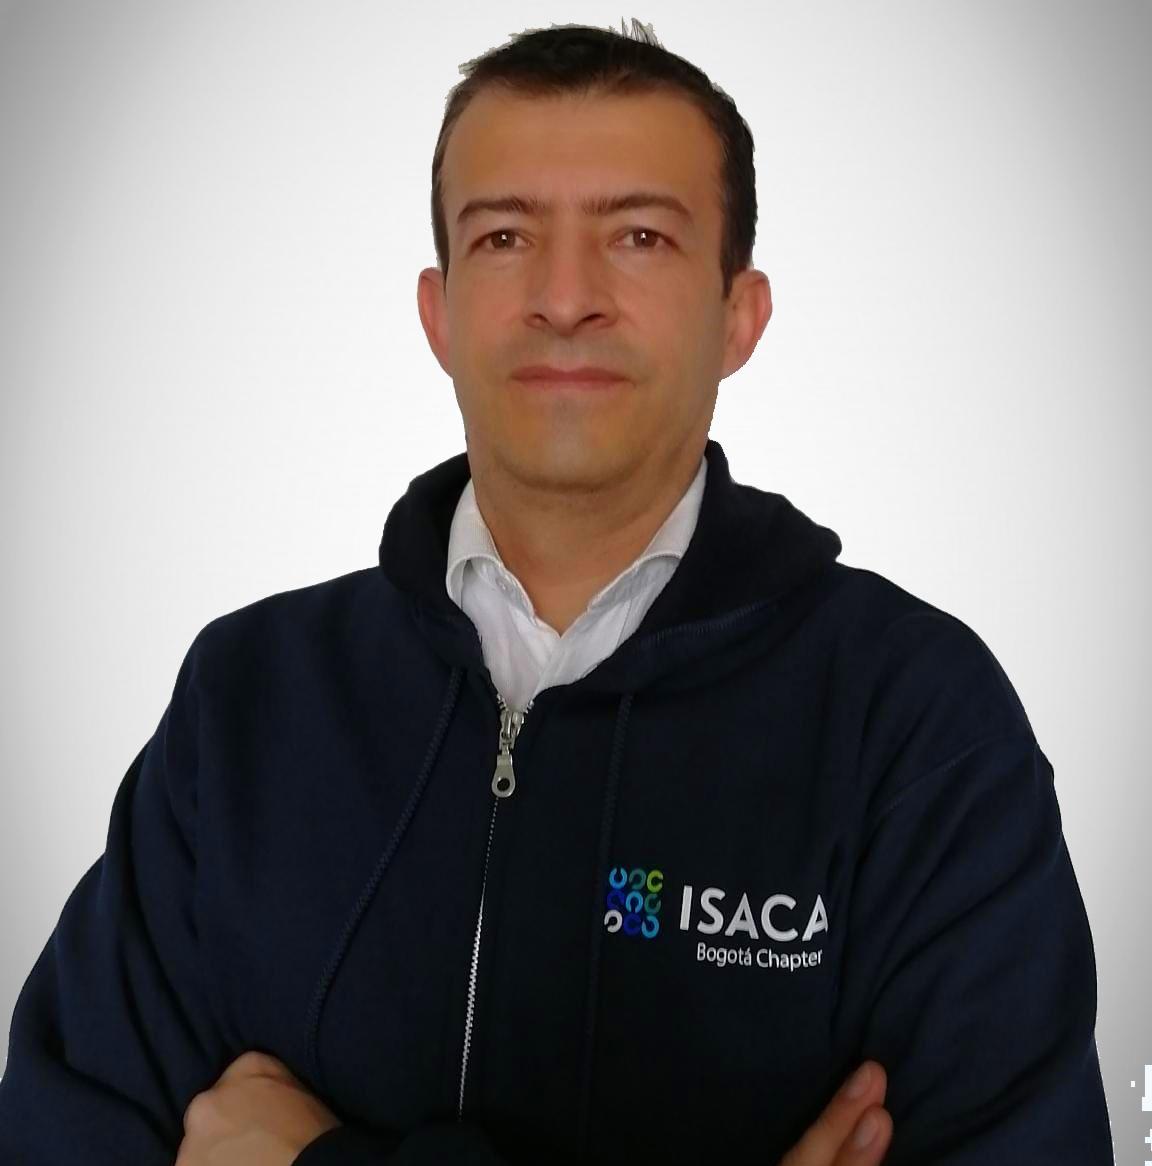 Victor Vasquez ISACA Bogotá